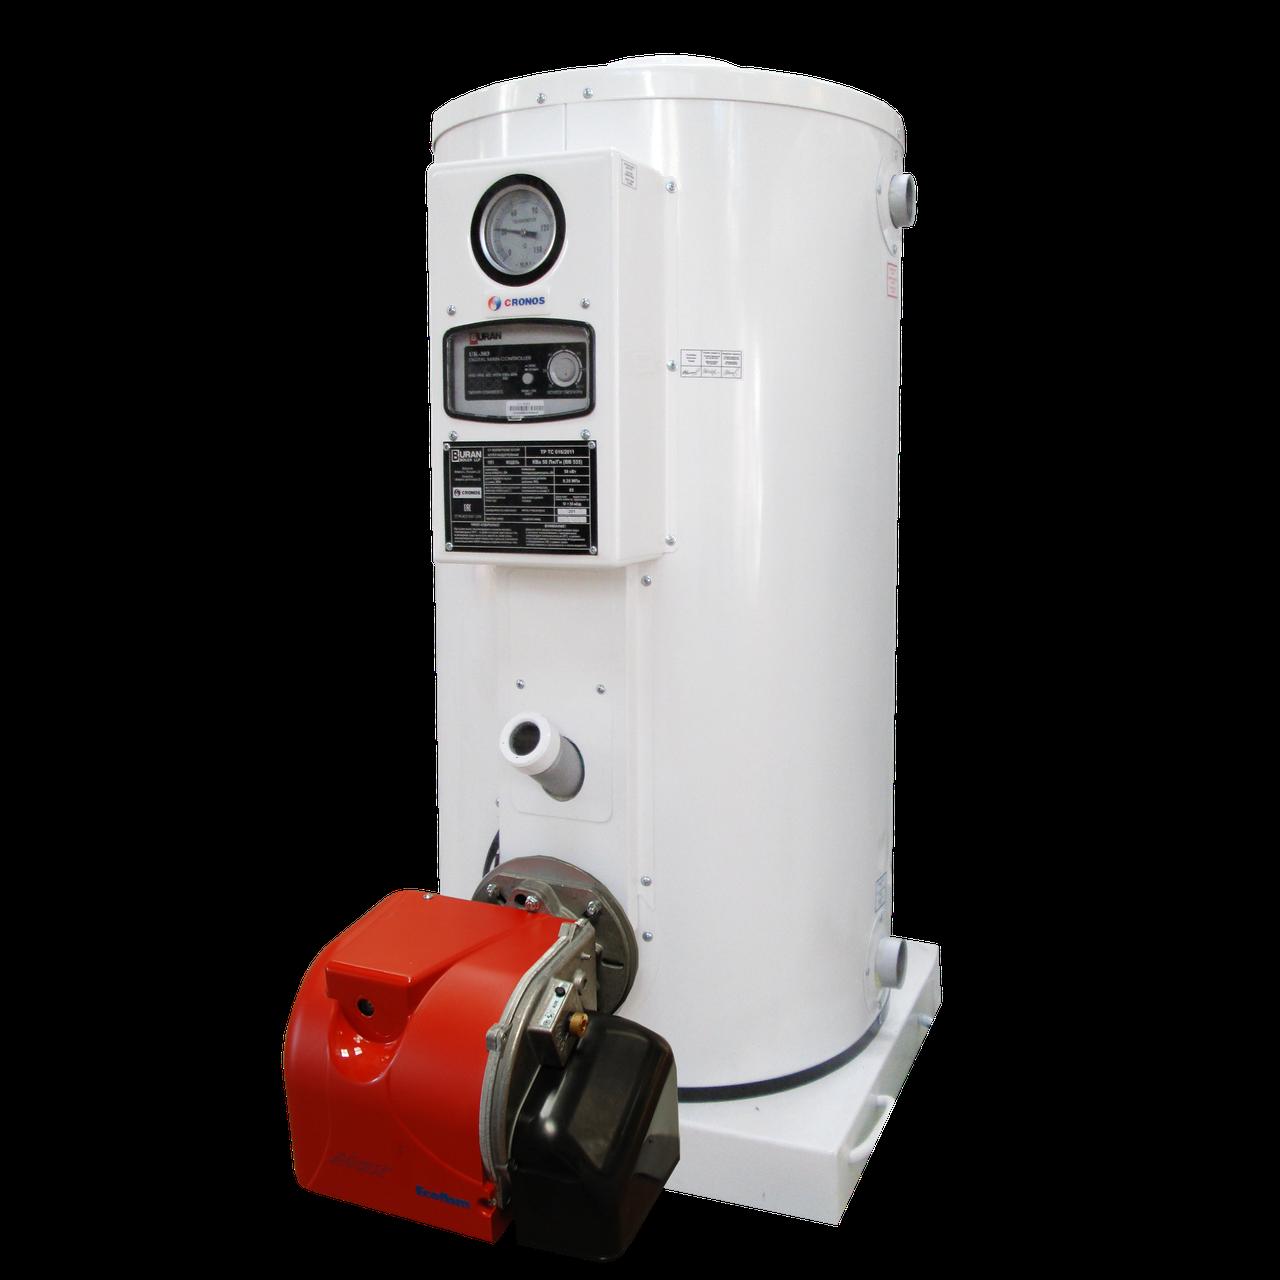 Котёл газовый Cronos BB-535 (58 кВт) для отопления и ГВС в комплекте с горелкой газовой (Южная Корея)